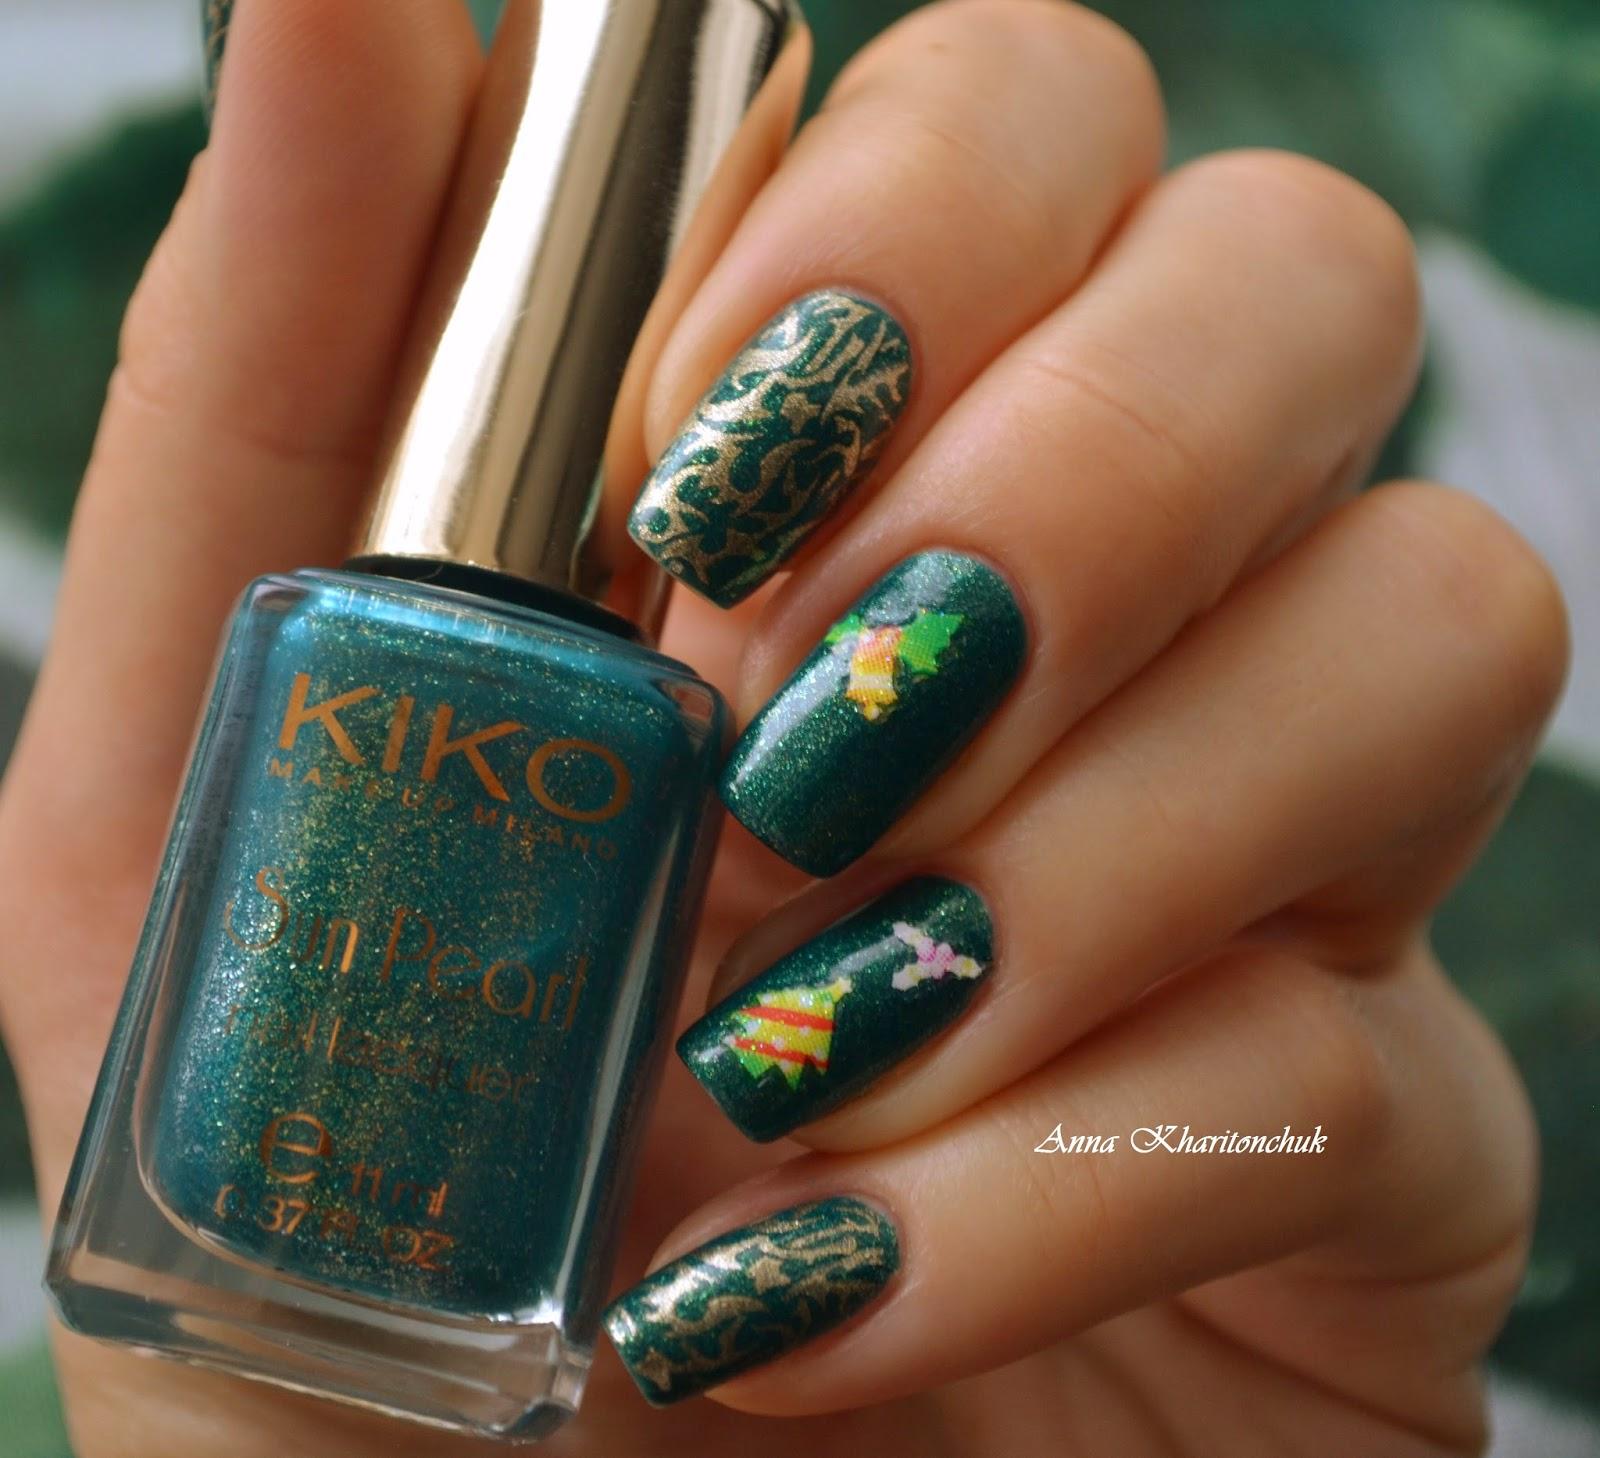 Winter11DNC.Зеленые ногти. Kiko 428 River Green и стемпинг Konad. Флешмоб: 5 маникюров зимы.